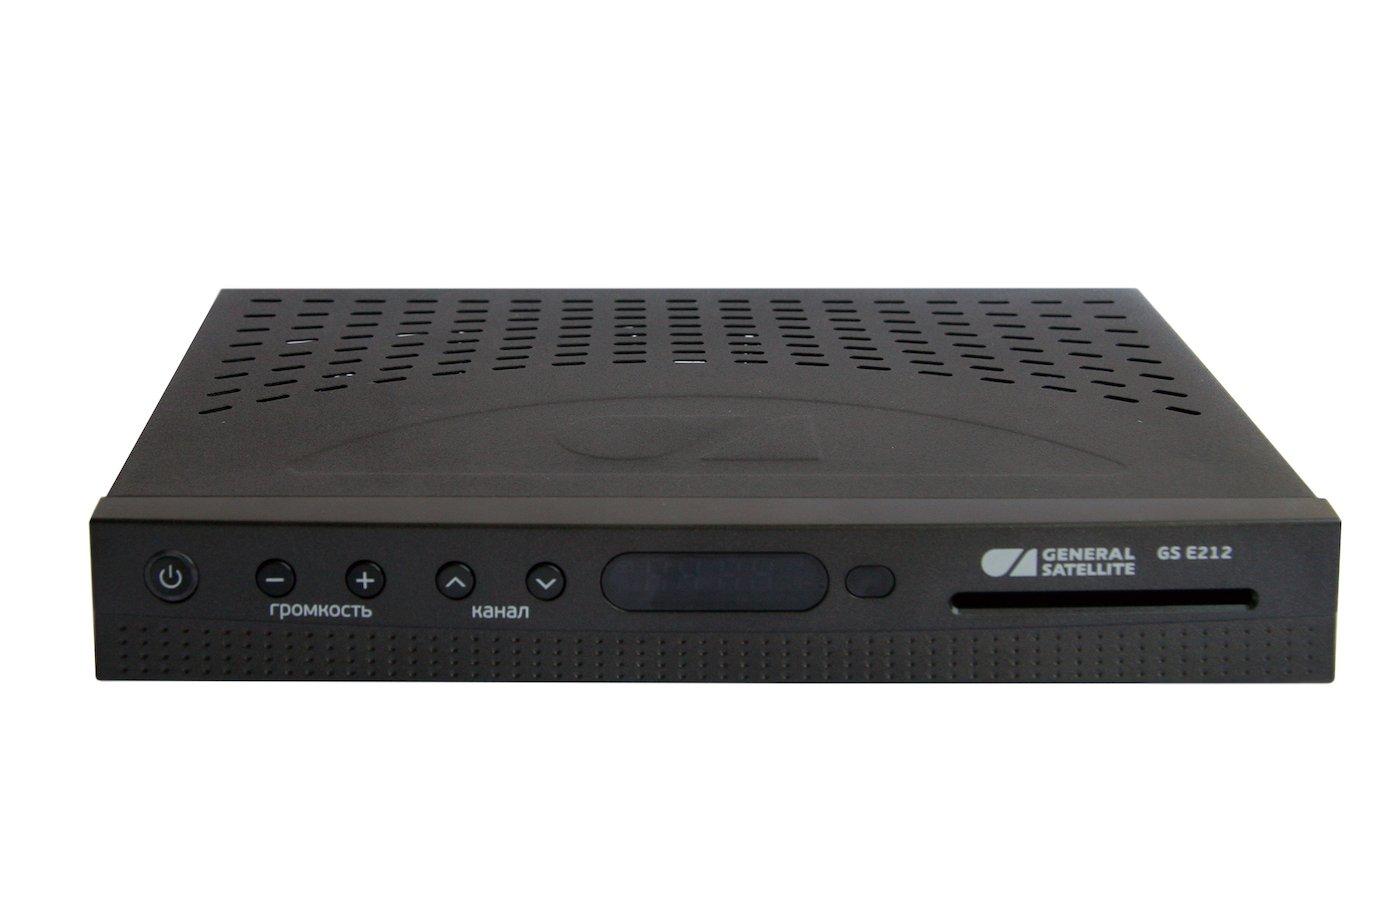 Спутниковое ТВ Триколор Full HD Центр E212